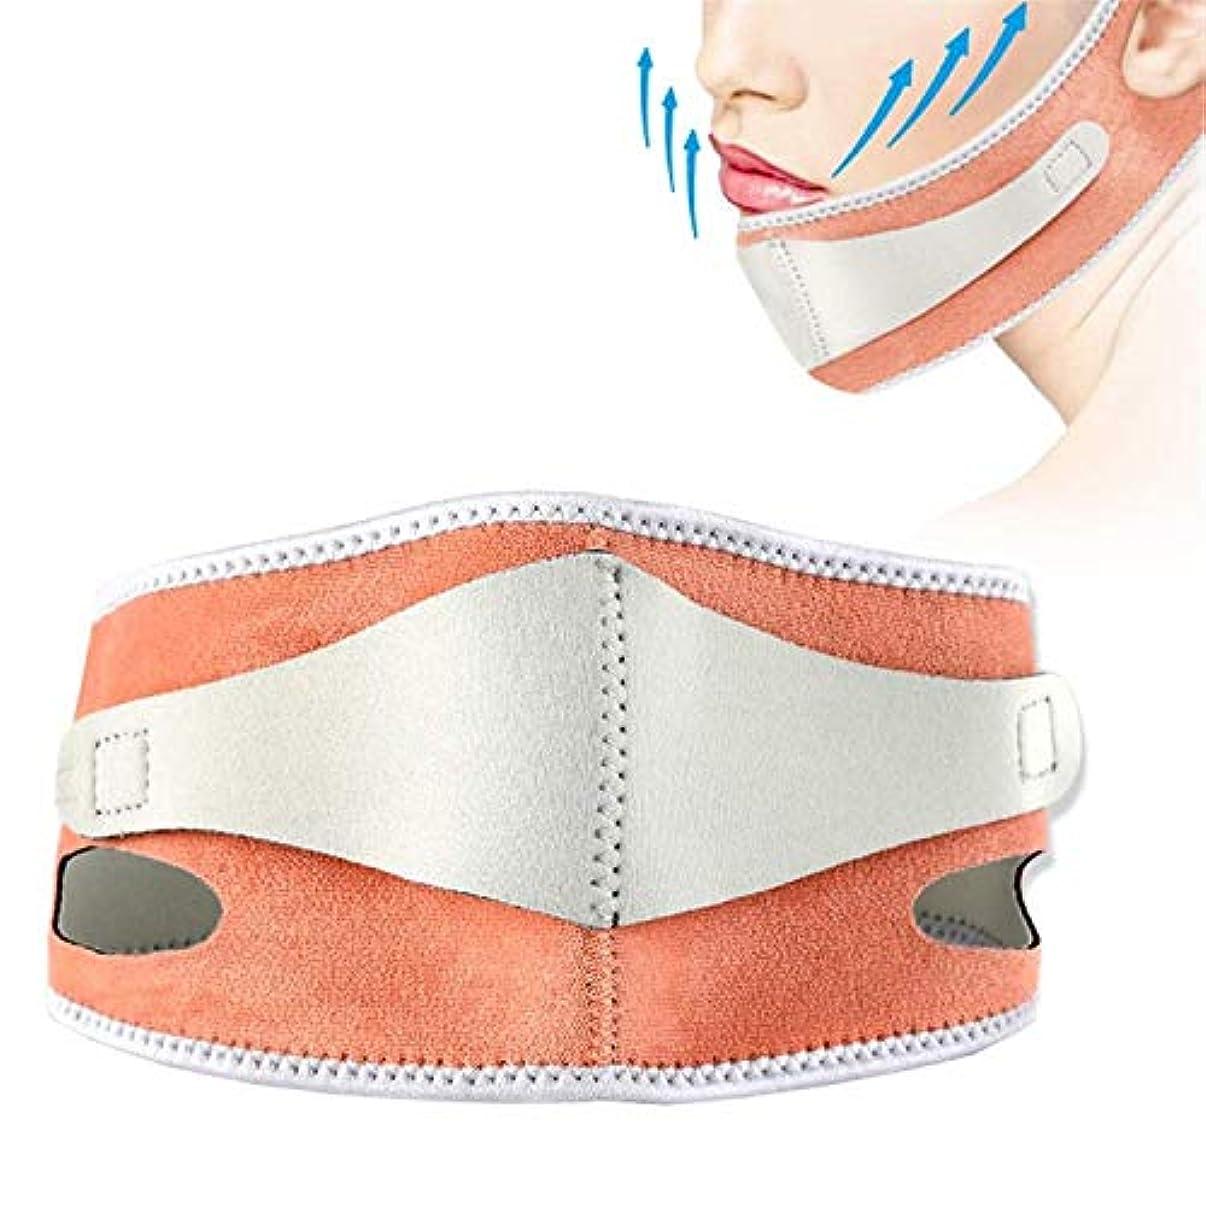 セラフ位置するうめき声フェイシャルスリミングベルト、Vフェイスシェイピングベルト、頬補強ベルト、美容弾性スリーブ薄い顔術後回復包帯、減量包帯を削除するには二重あご、フェイスリフト減量睡眠マスク包帯